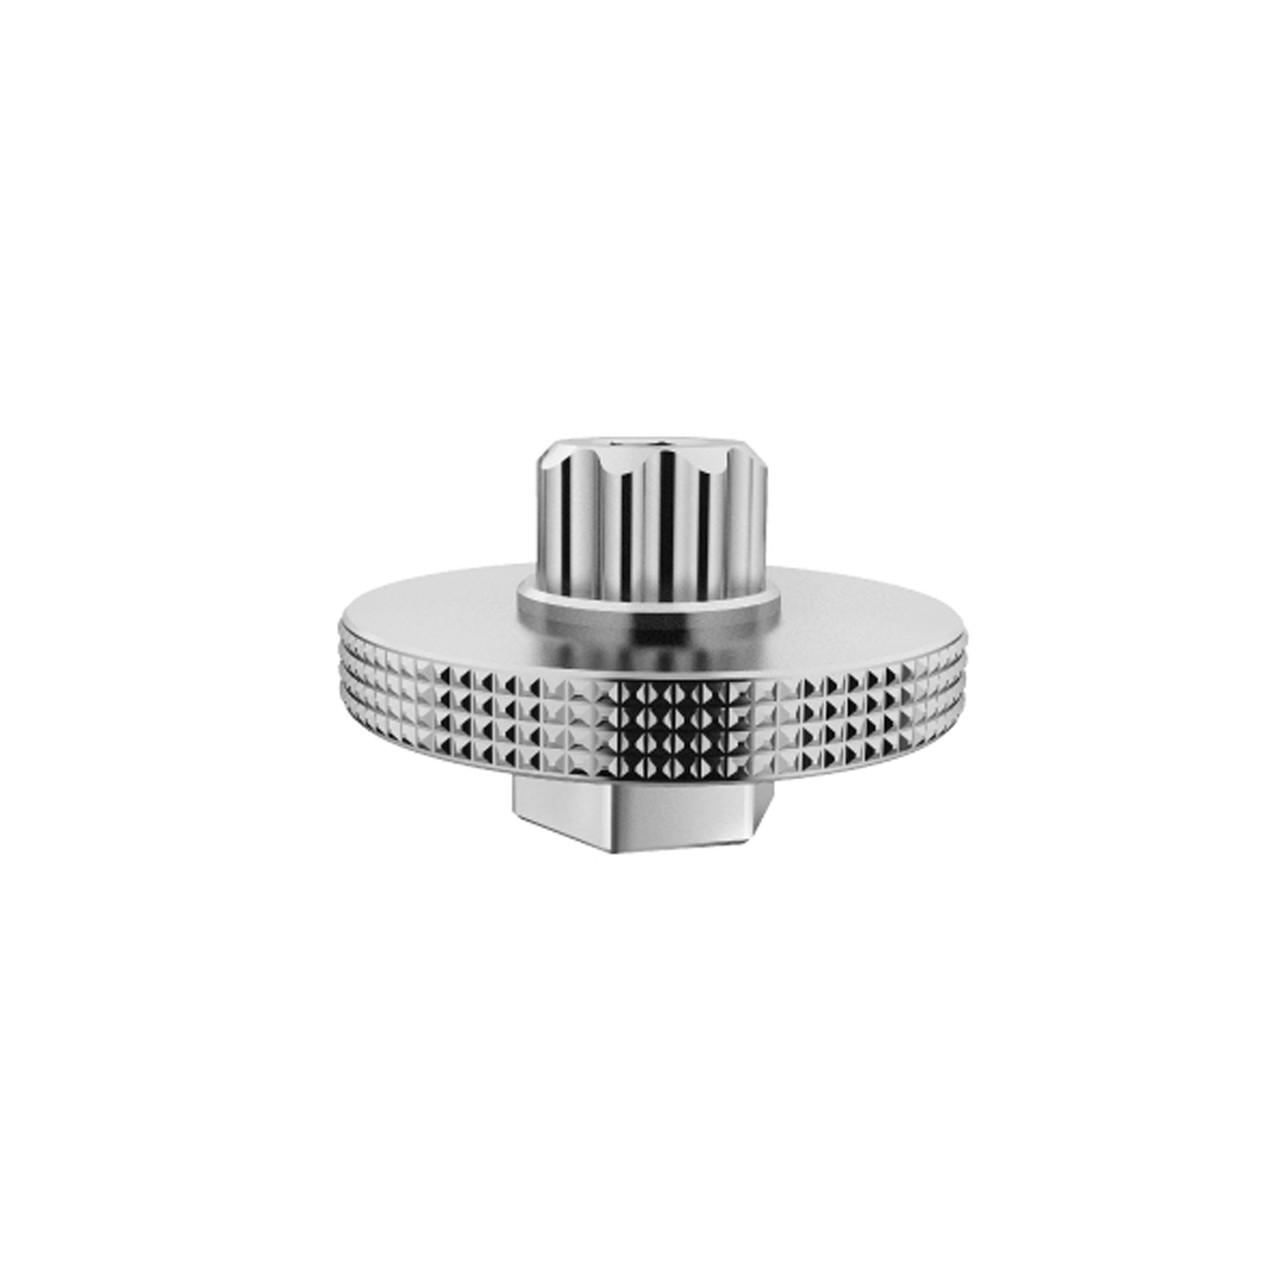 Сьемник Birzman Crank Arm Cap Tool II